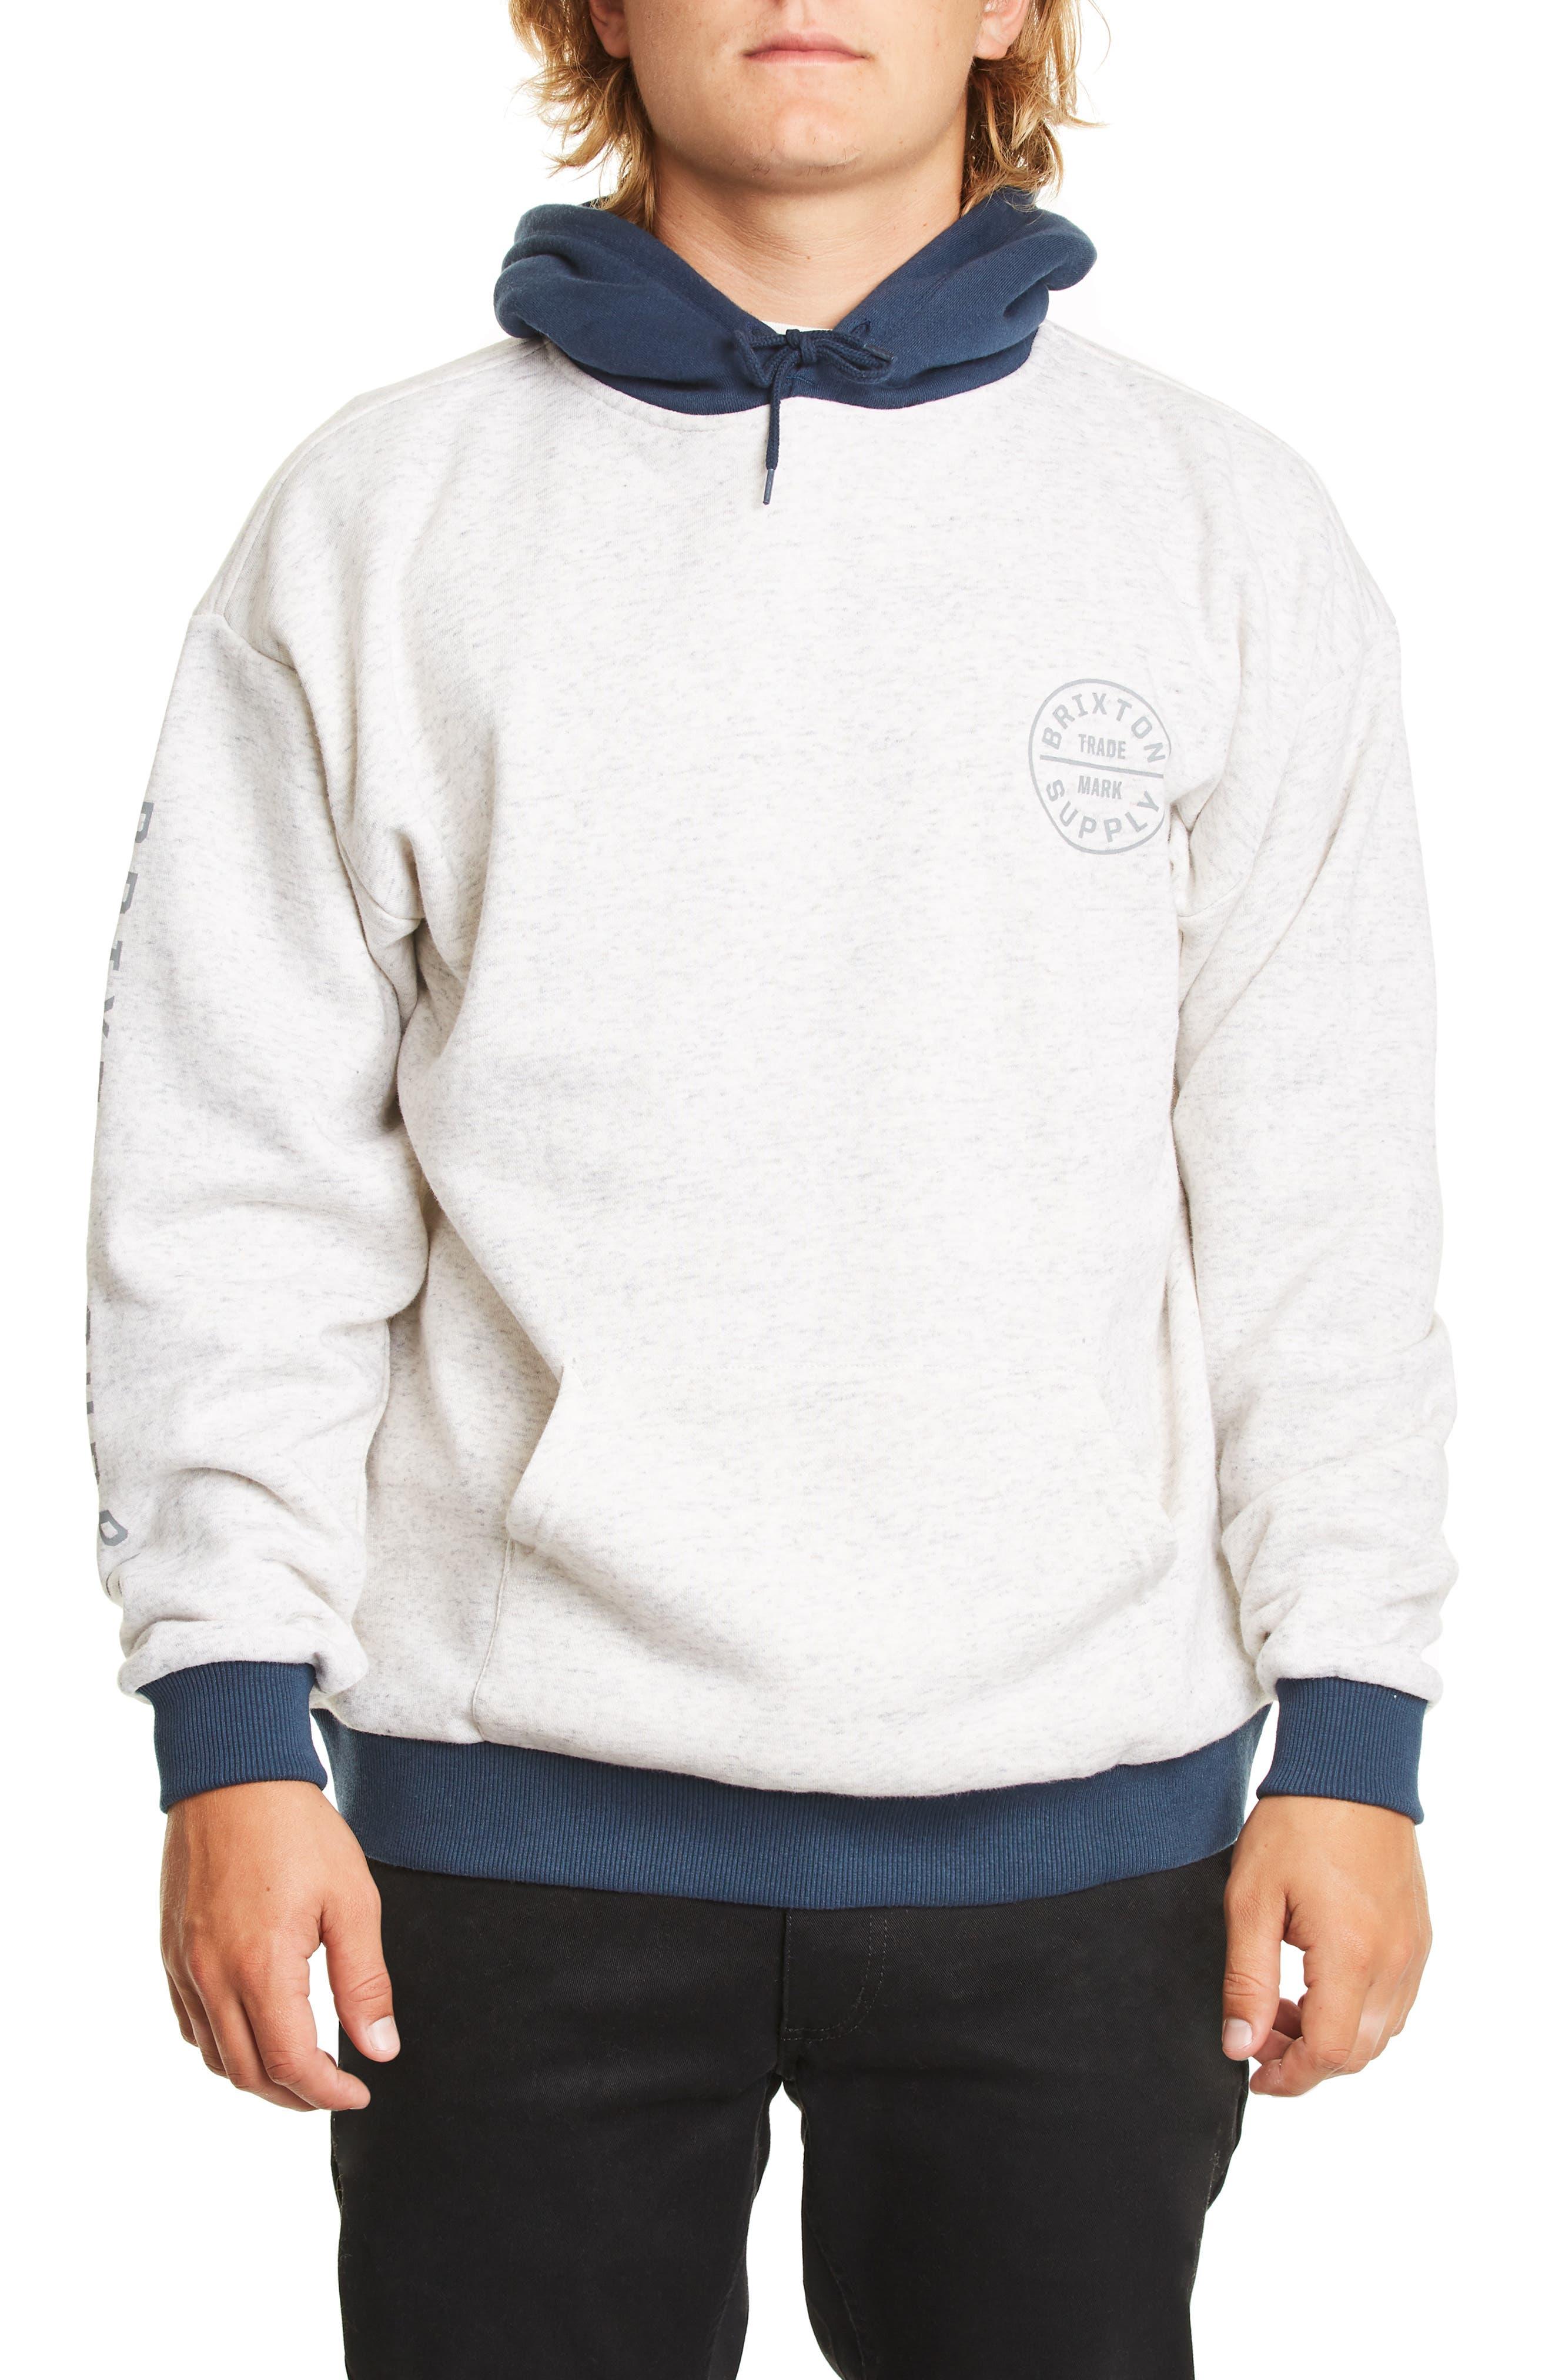 Brixton Oath Ii Hooded Sweatshirt, Ivory